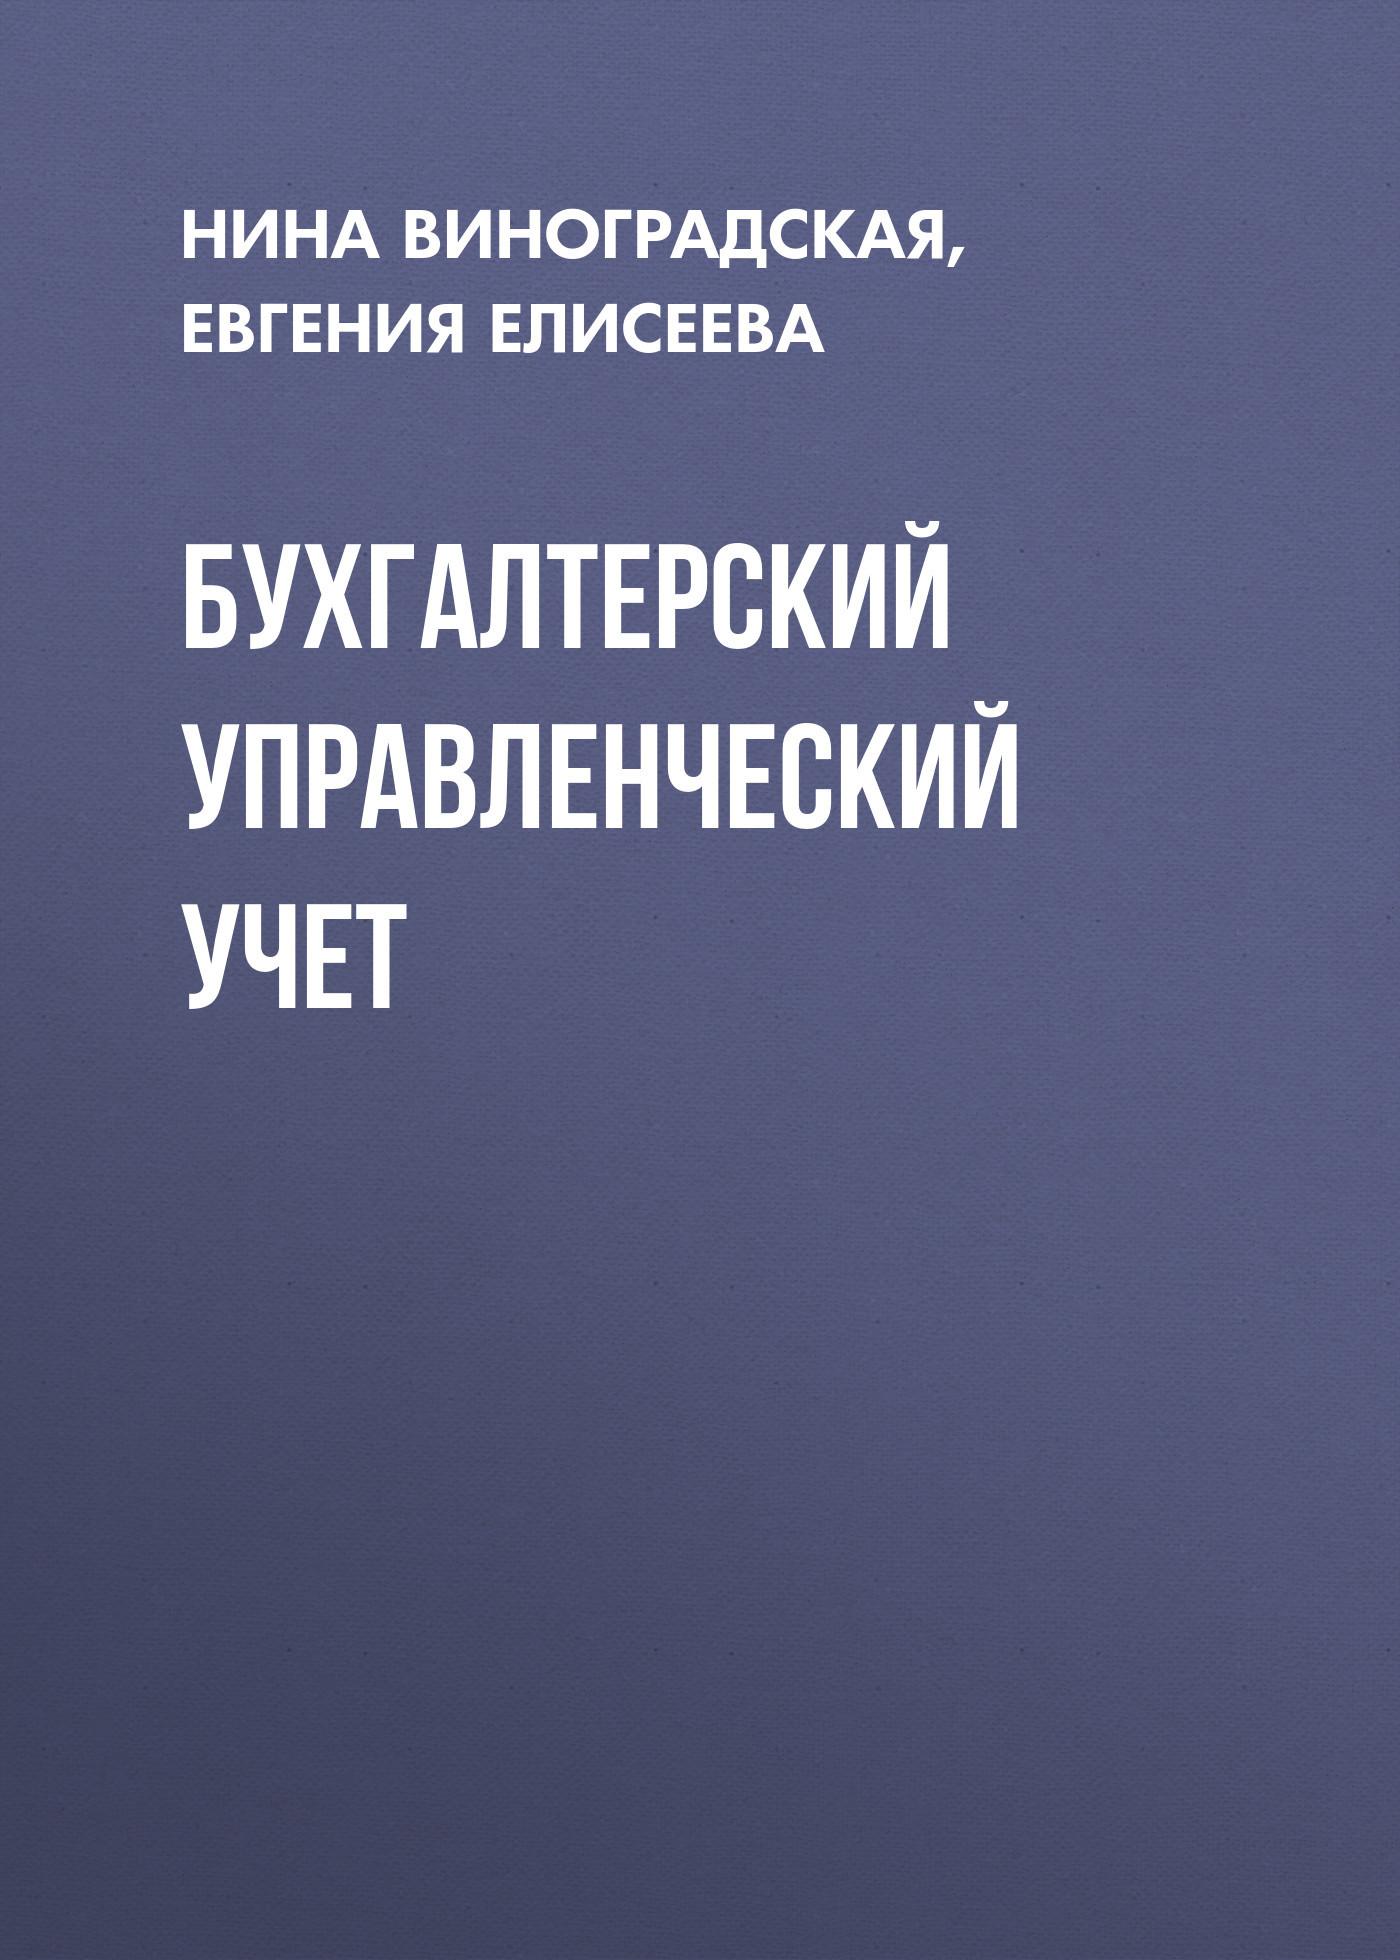 Евгения Елисеева Бухгалтерский управленческий учет л в юрьева управленческий учет затрат на промышленных предприятиях в условиях инновационной экономики